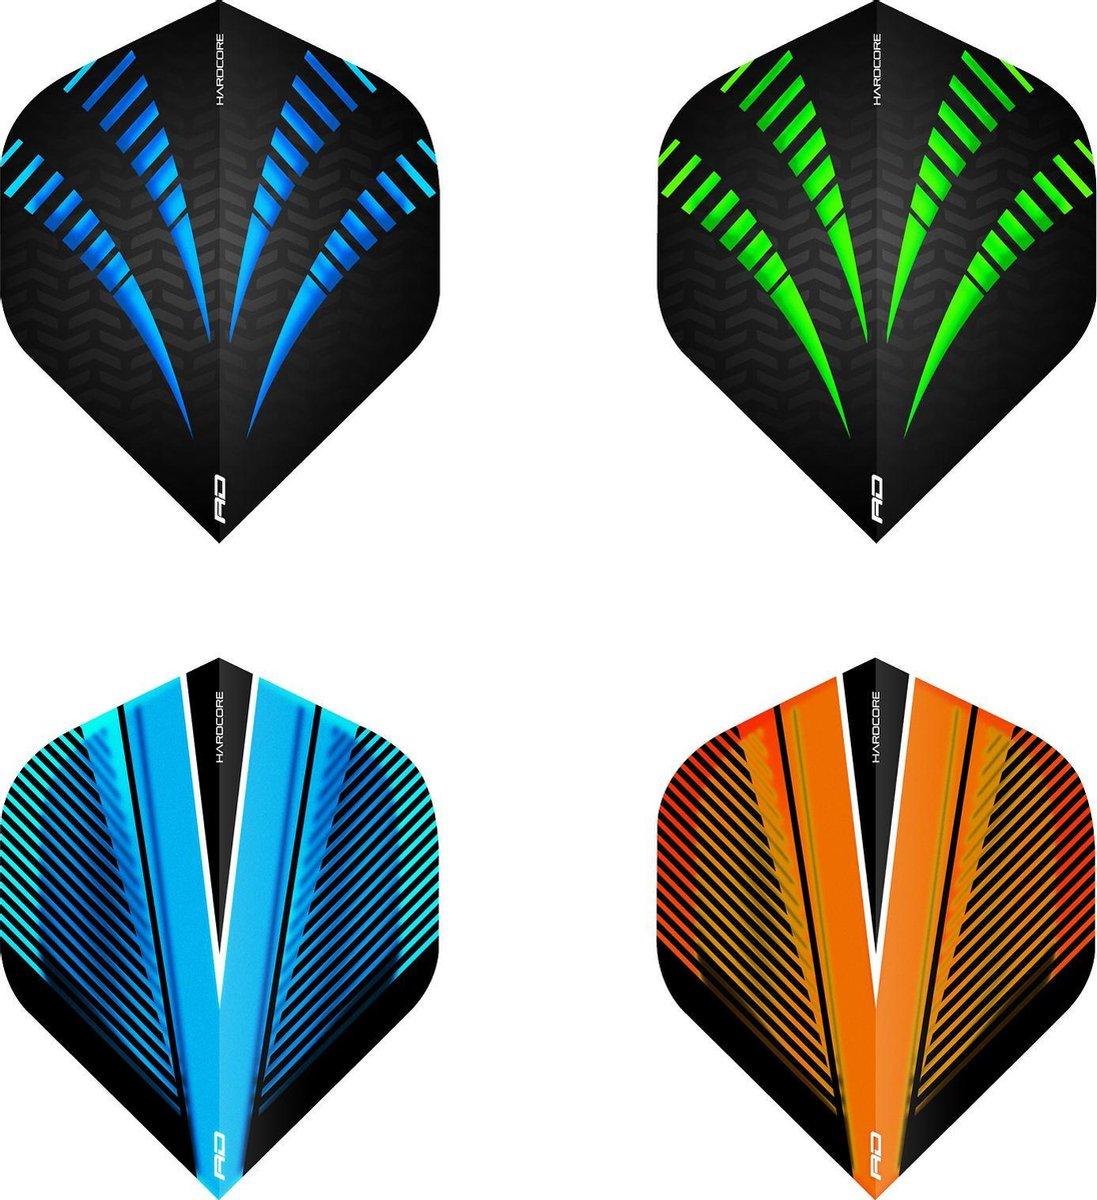 RED DRAGON - Hardcore Stroomstoot Selectiepakket extra dikke dart vluchten - 4 sets per pakket (12 dartvluchten in totaal)